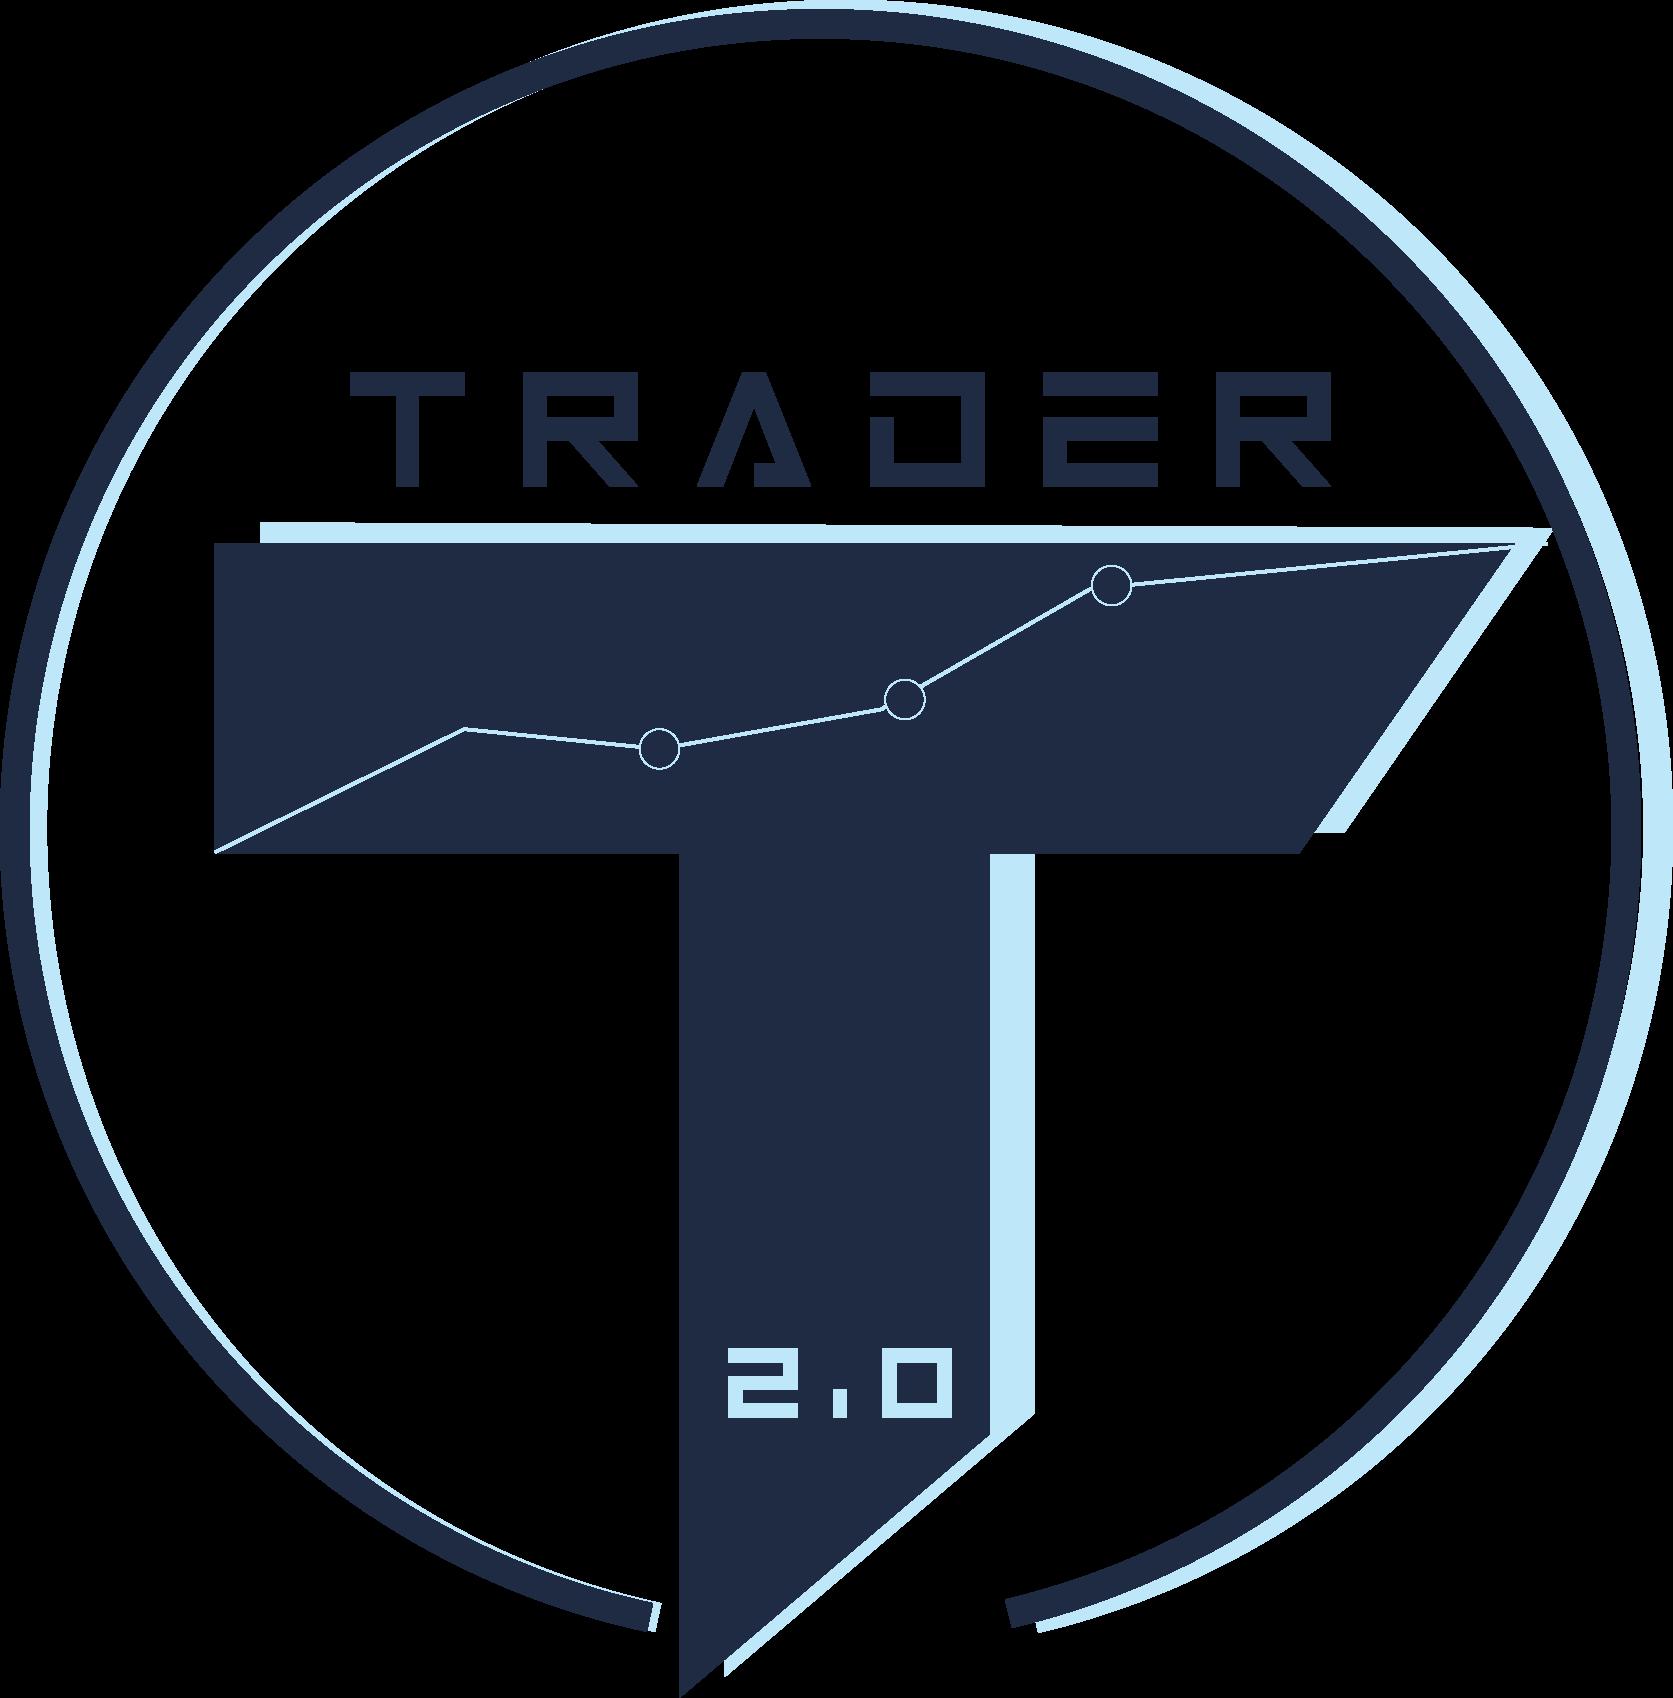 Trader 2.0